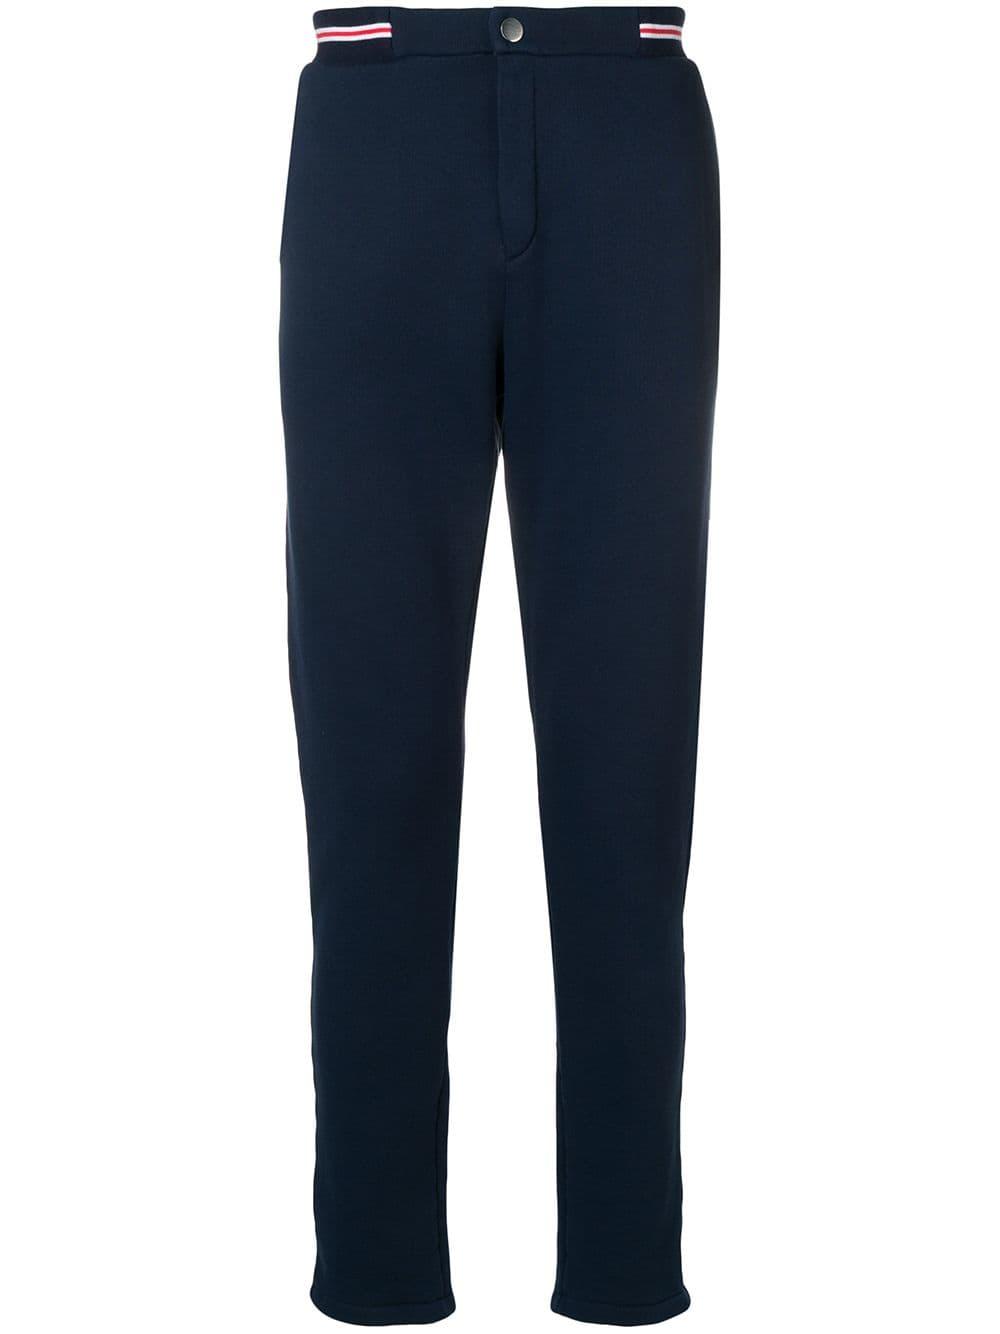 8dbb966432 RON DORFF RON DORFF STRIPED WAIST URBAN TROUSERS - BLUE. #rondorff #cloth